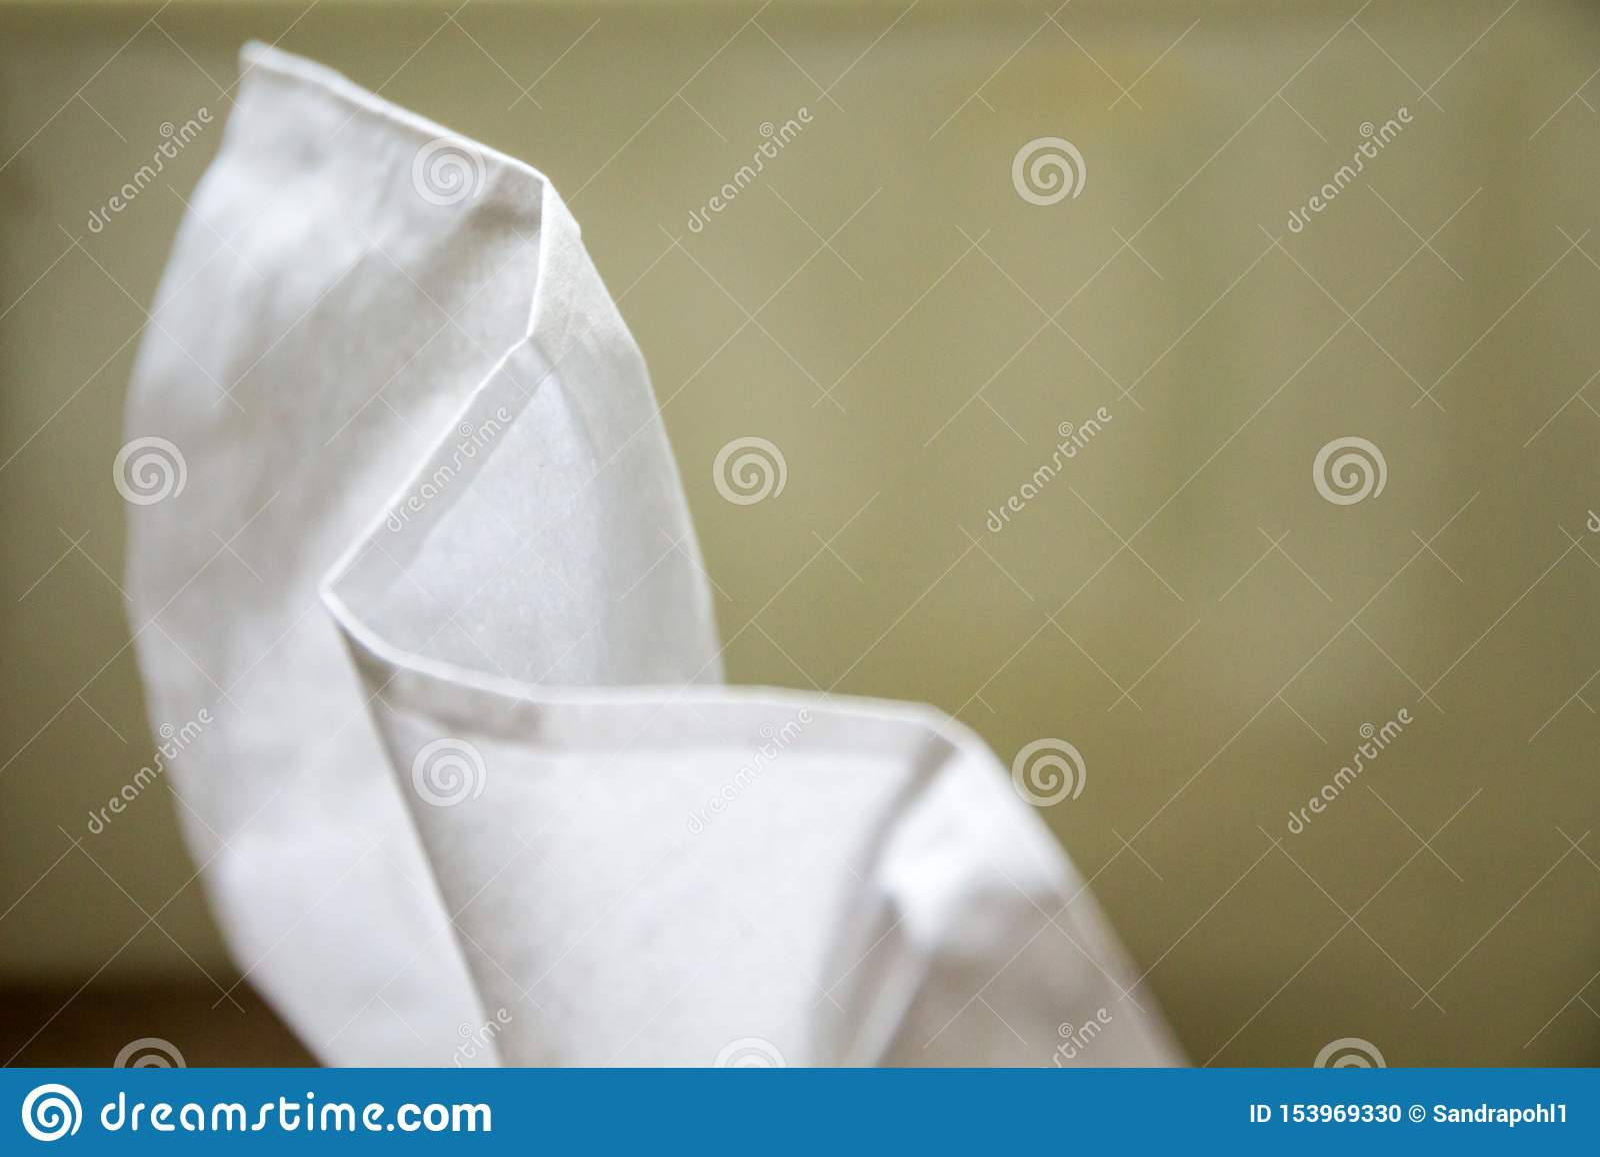 在绿色背景的白色towelette